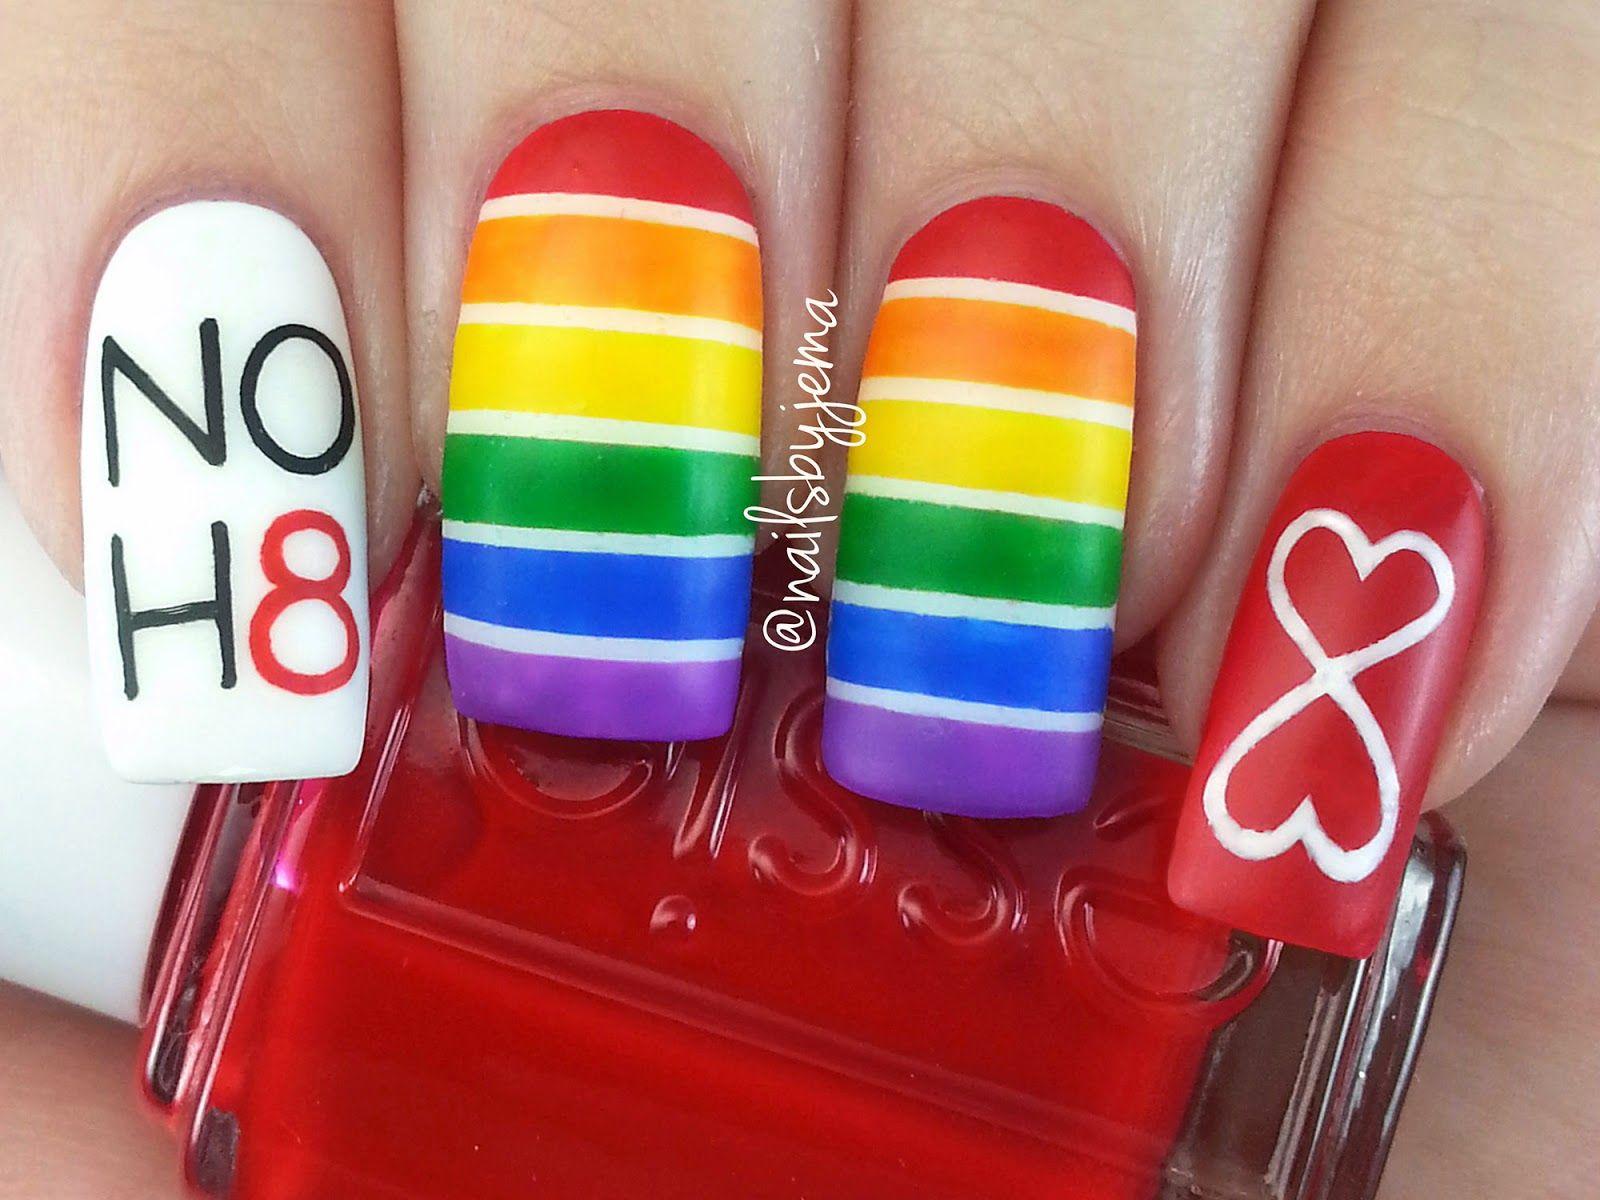 gay pride nail polish - Google Search | Nail art | Pinterest ...